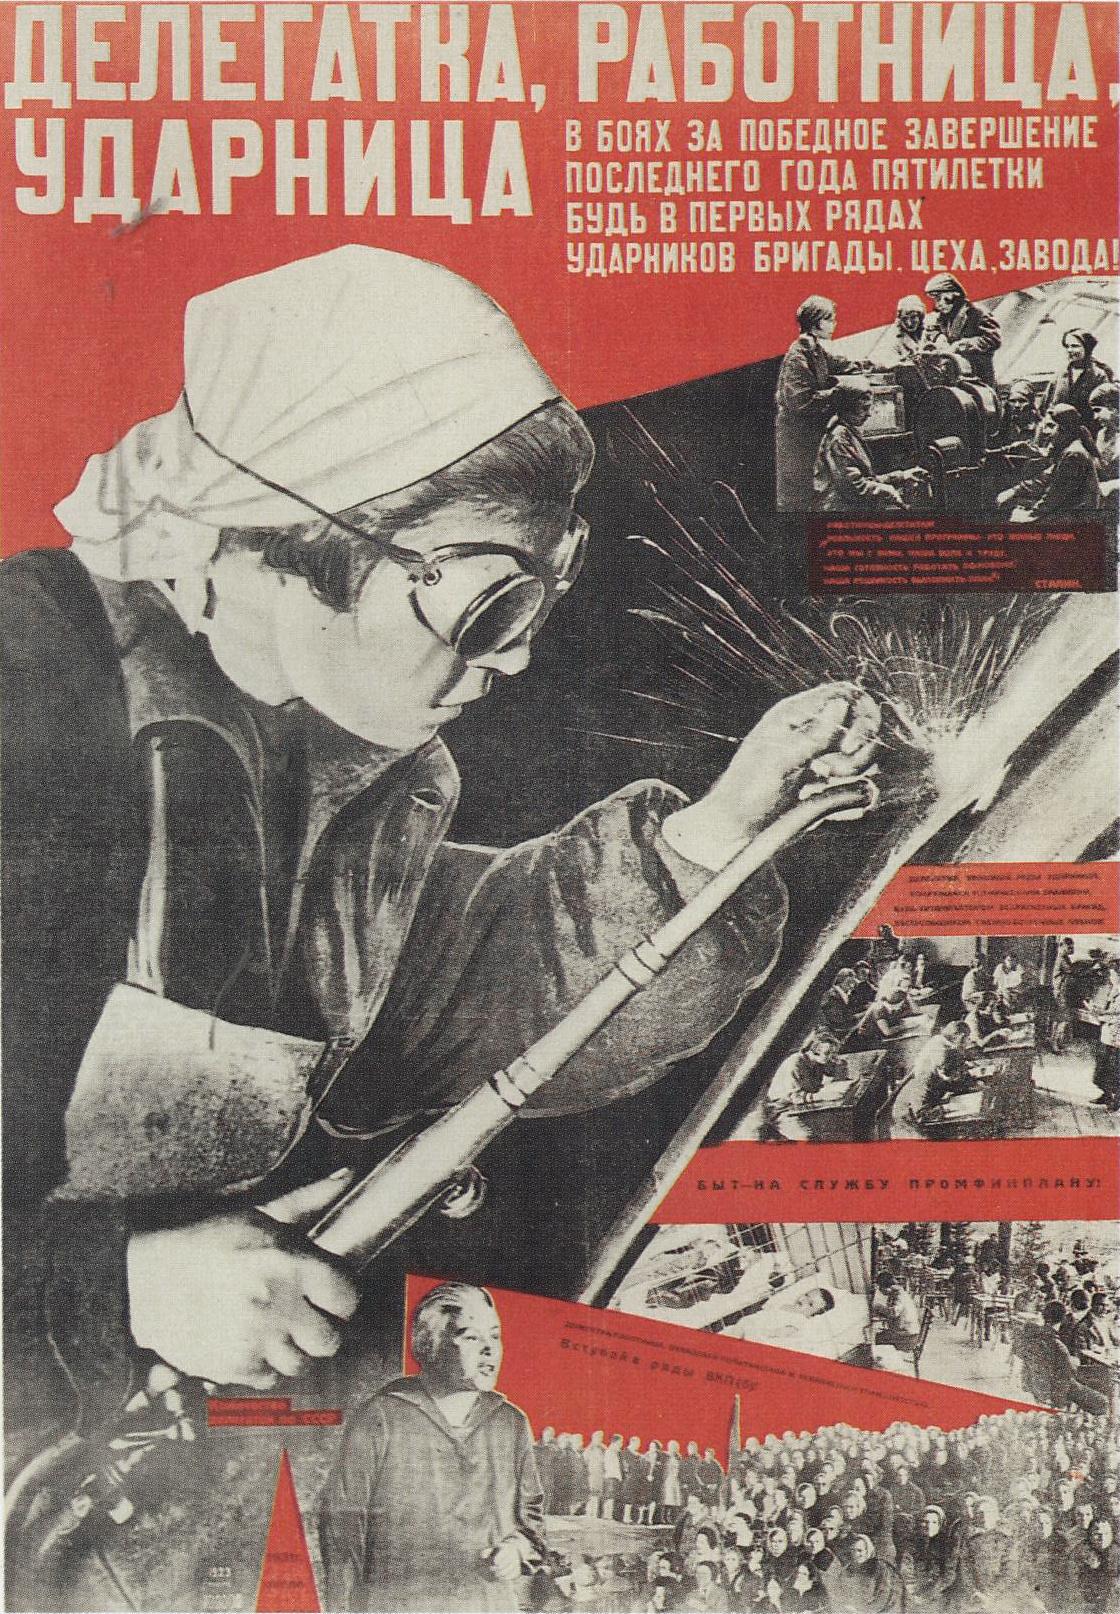 Автор: Н. Пинус Год: 1931 Текст на плакате: Делегатка, работница, ударница, в боях за победное завершение последнего года пятилетки будь в первых рядах ударников бригады, цеха, завода